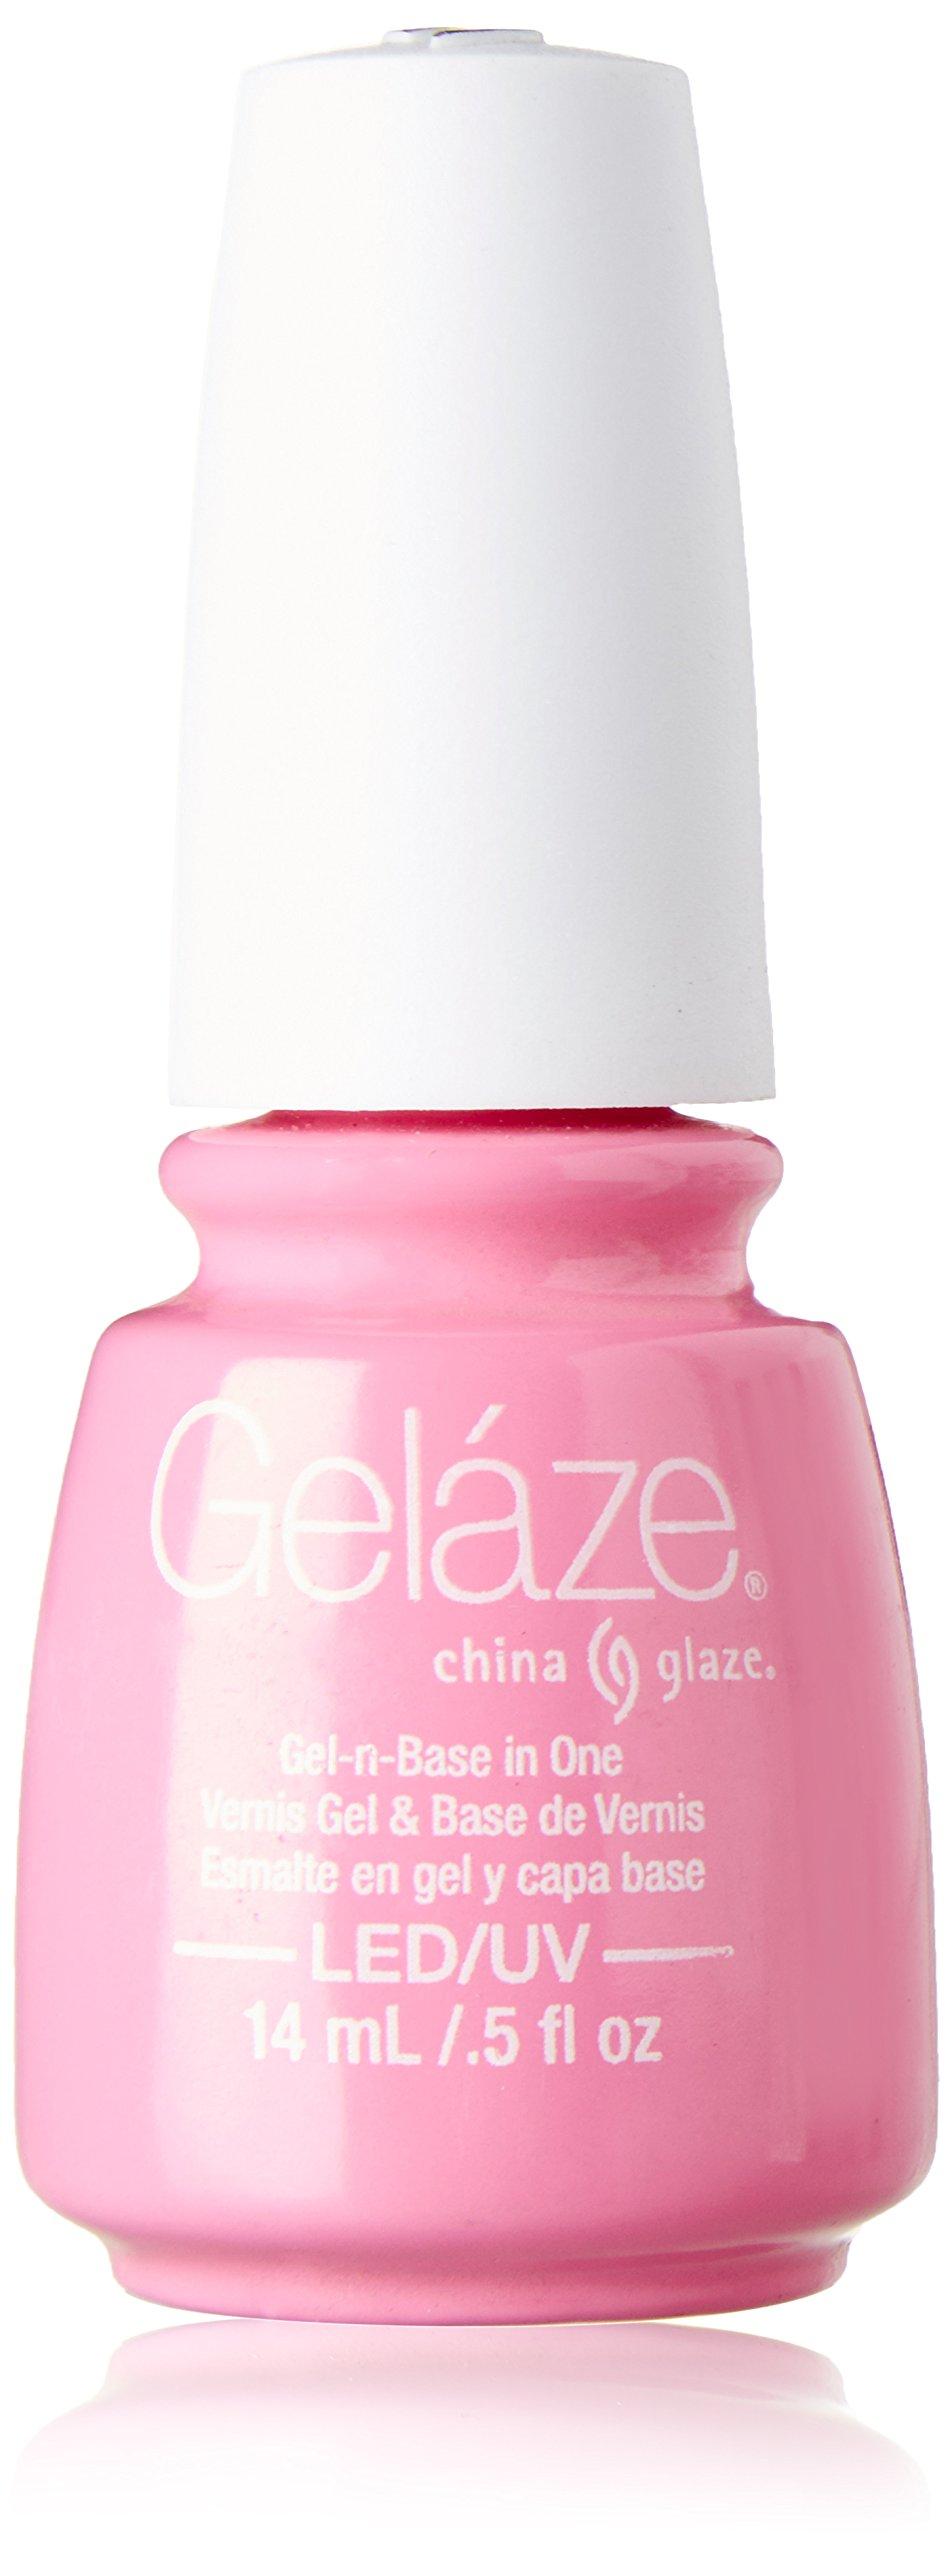 Gelaze Gel-n-Base Gel Polish Dance Baby - .5 fl oz